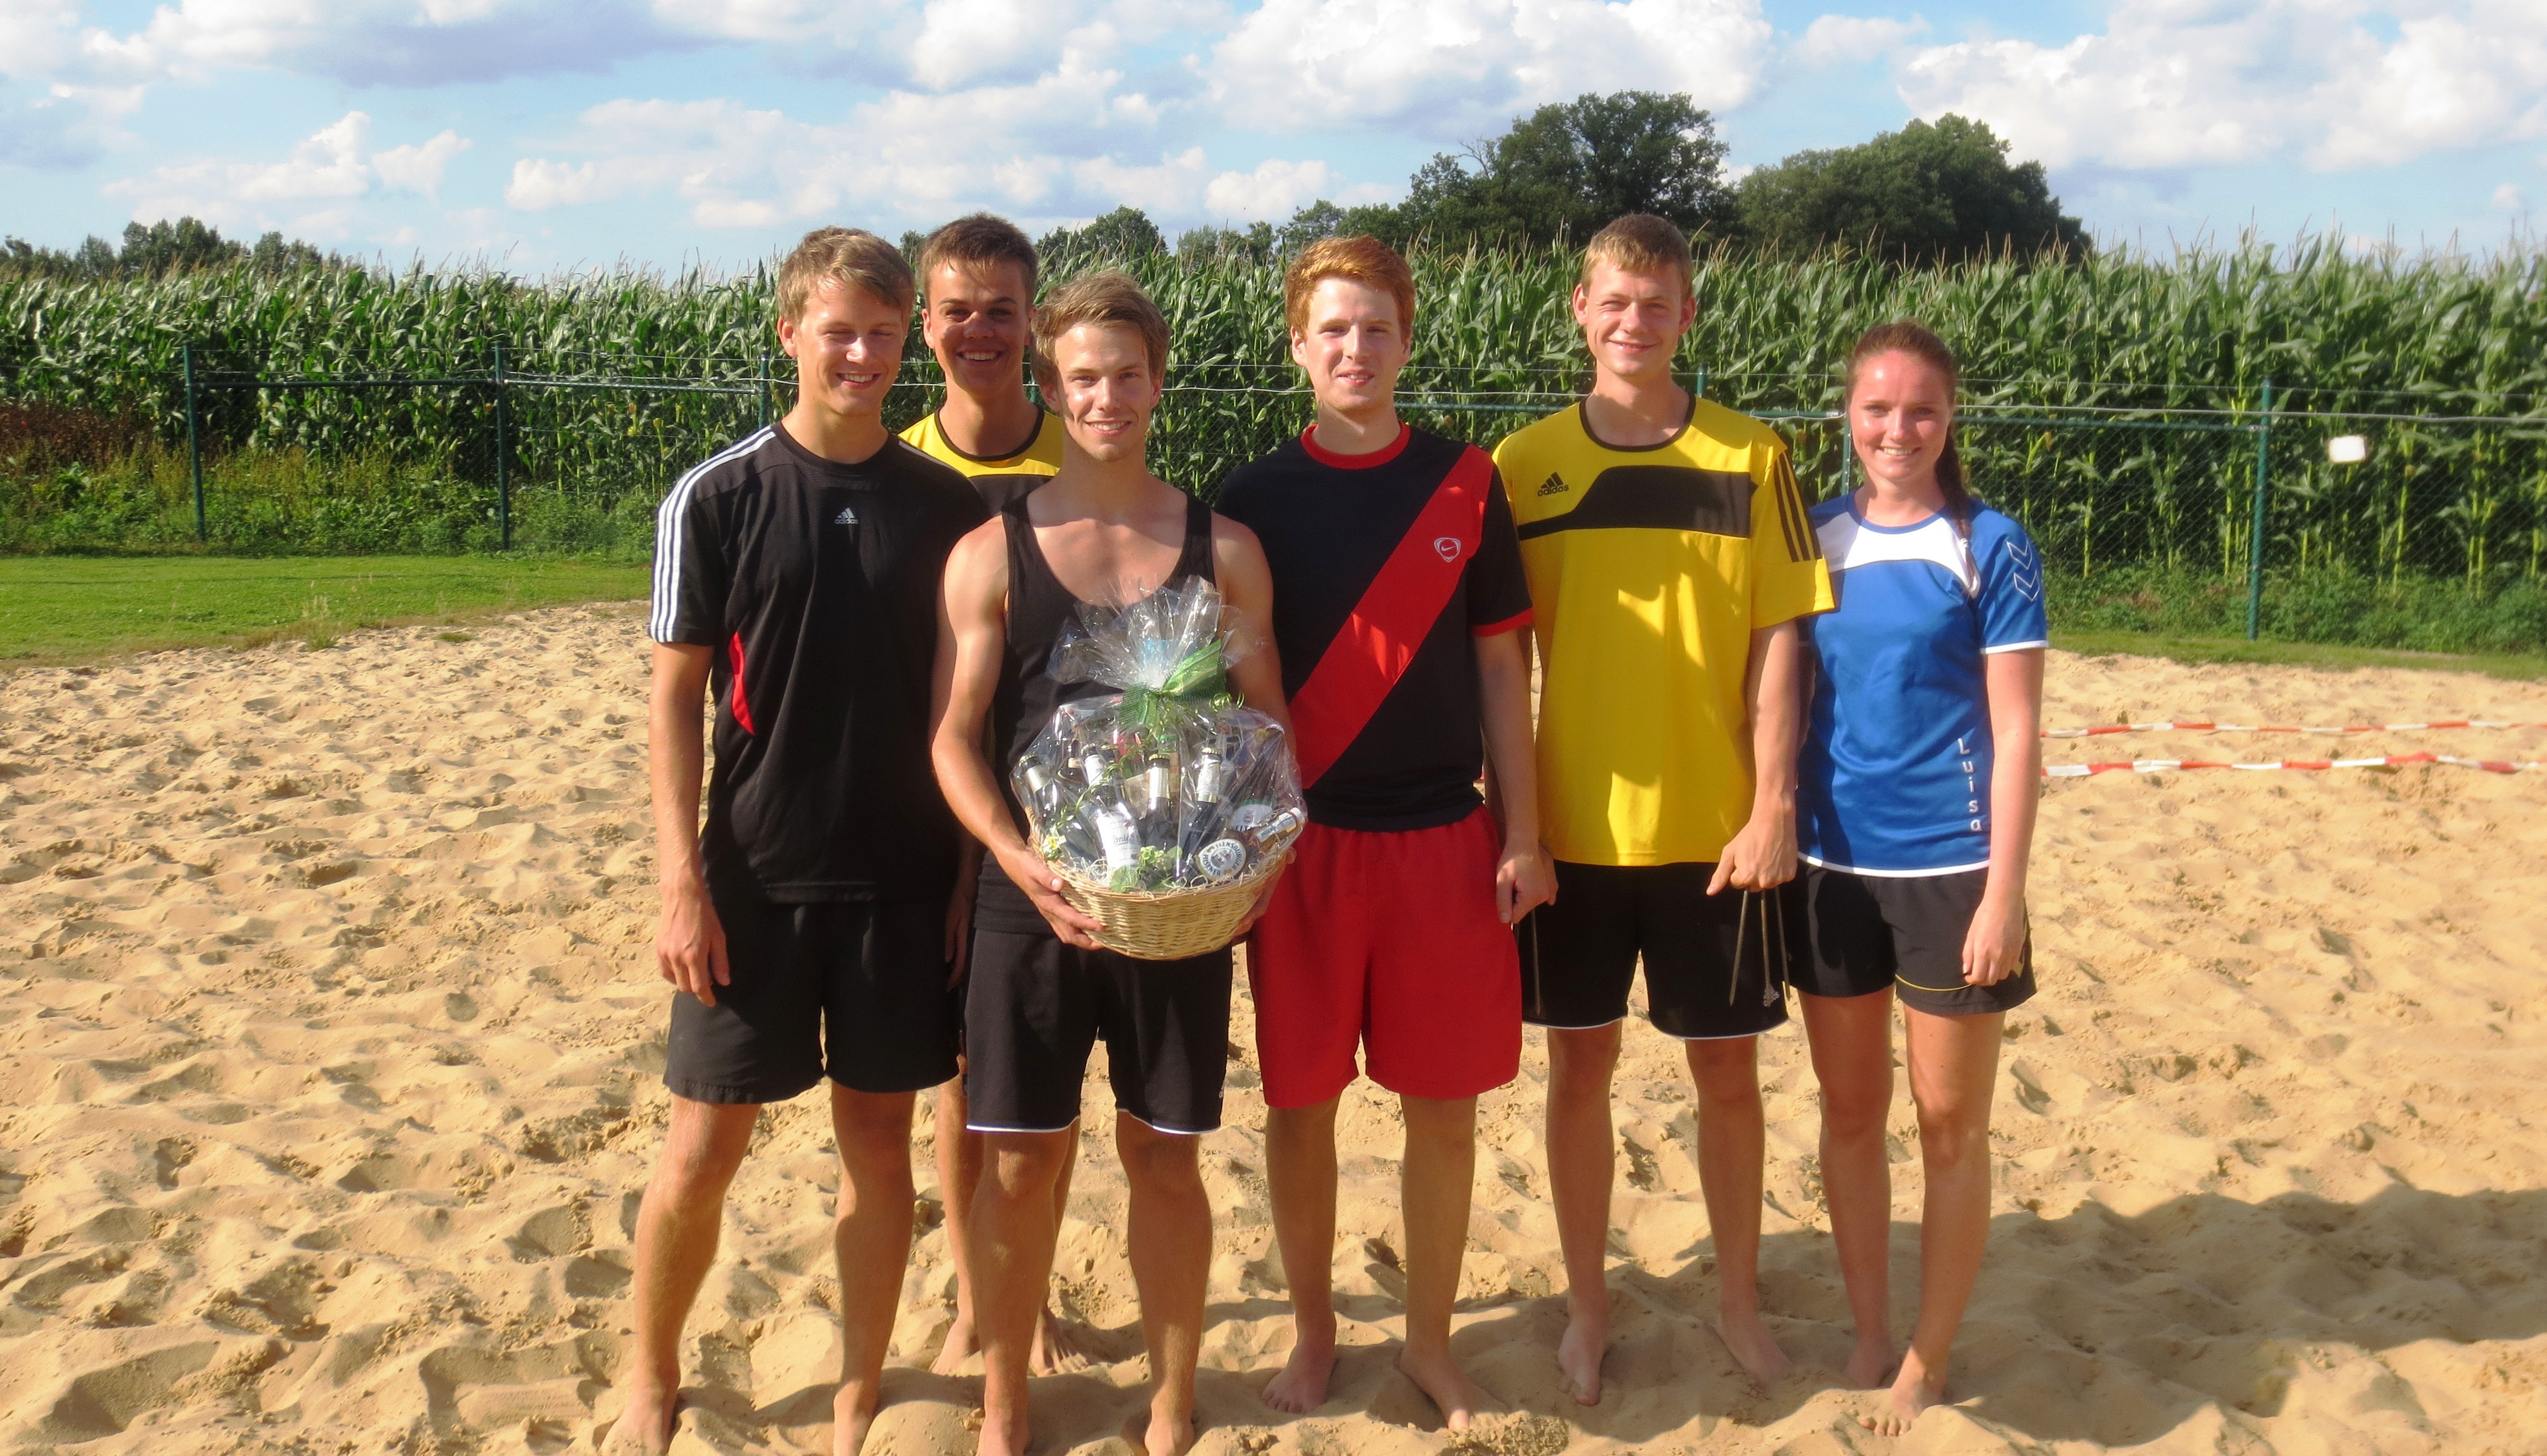 Das Siegerteam aus Lohne